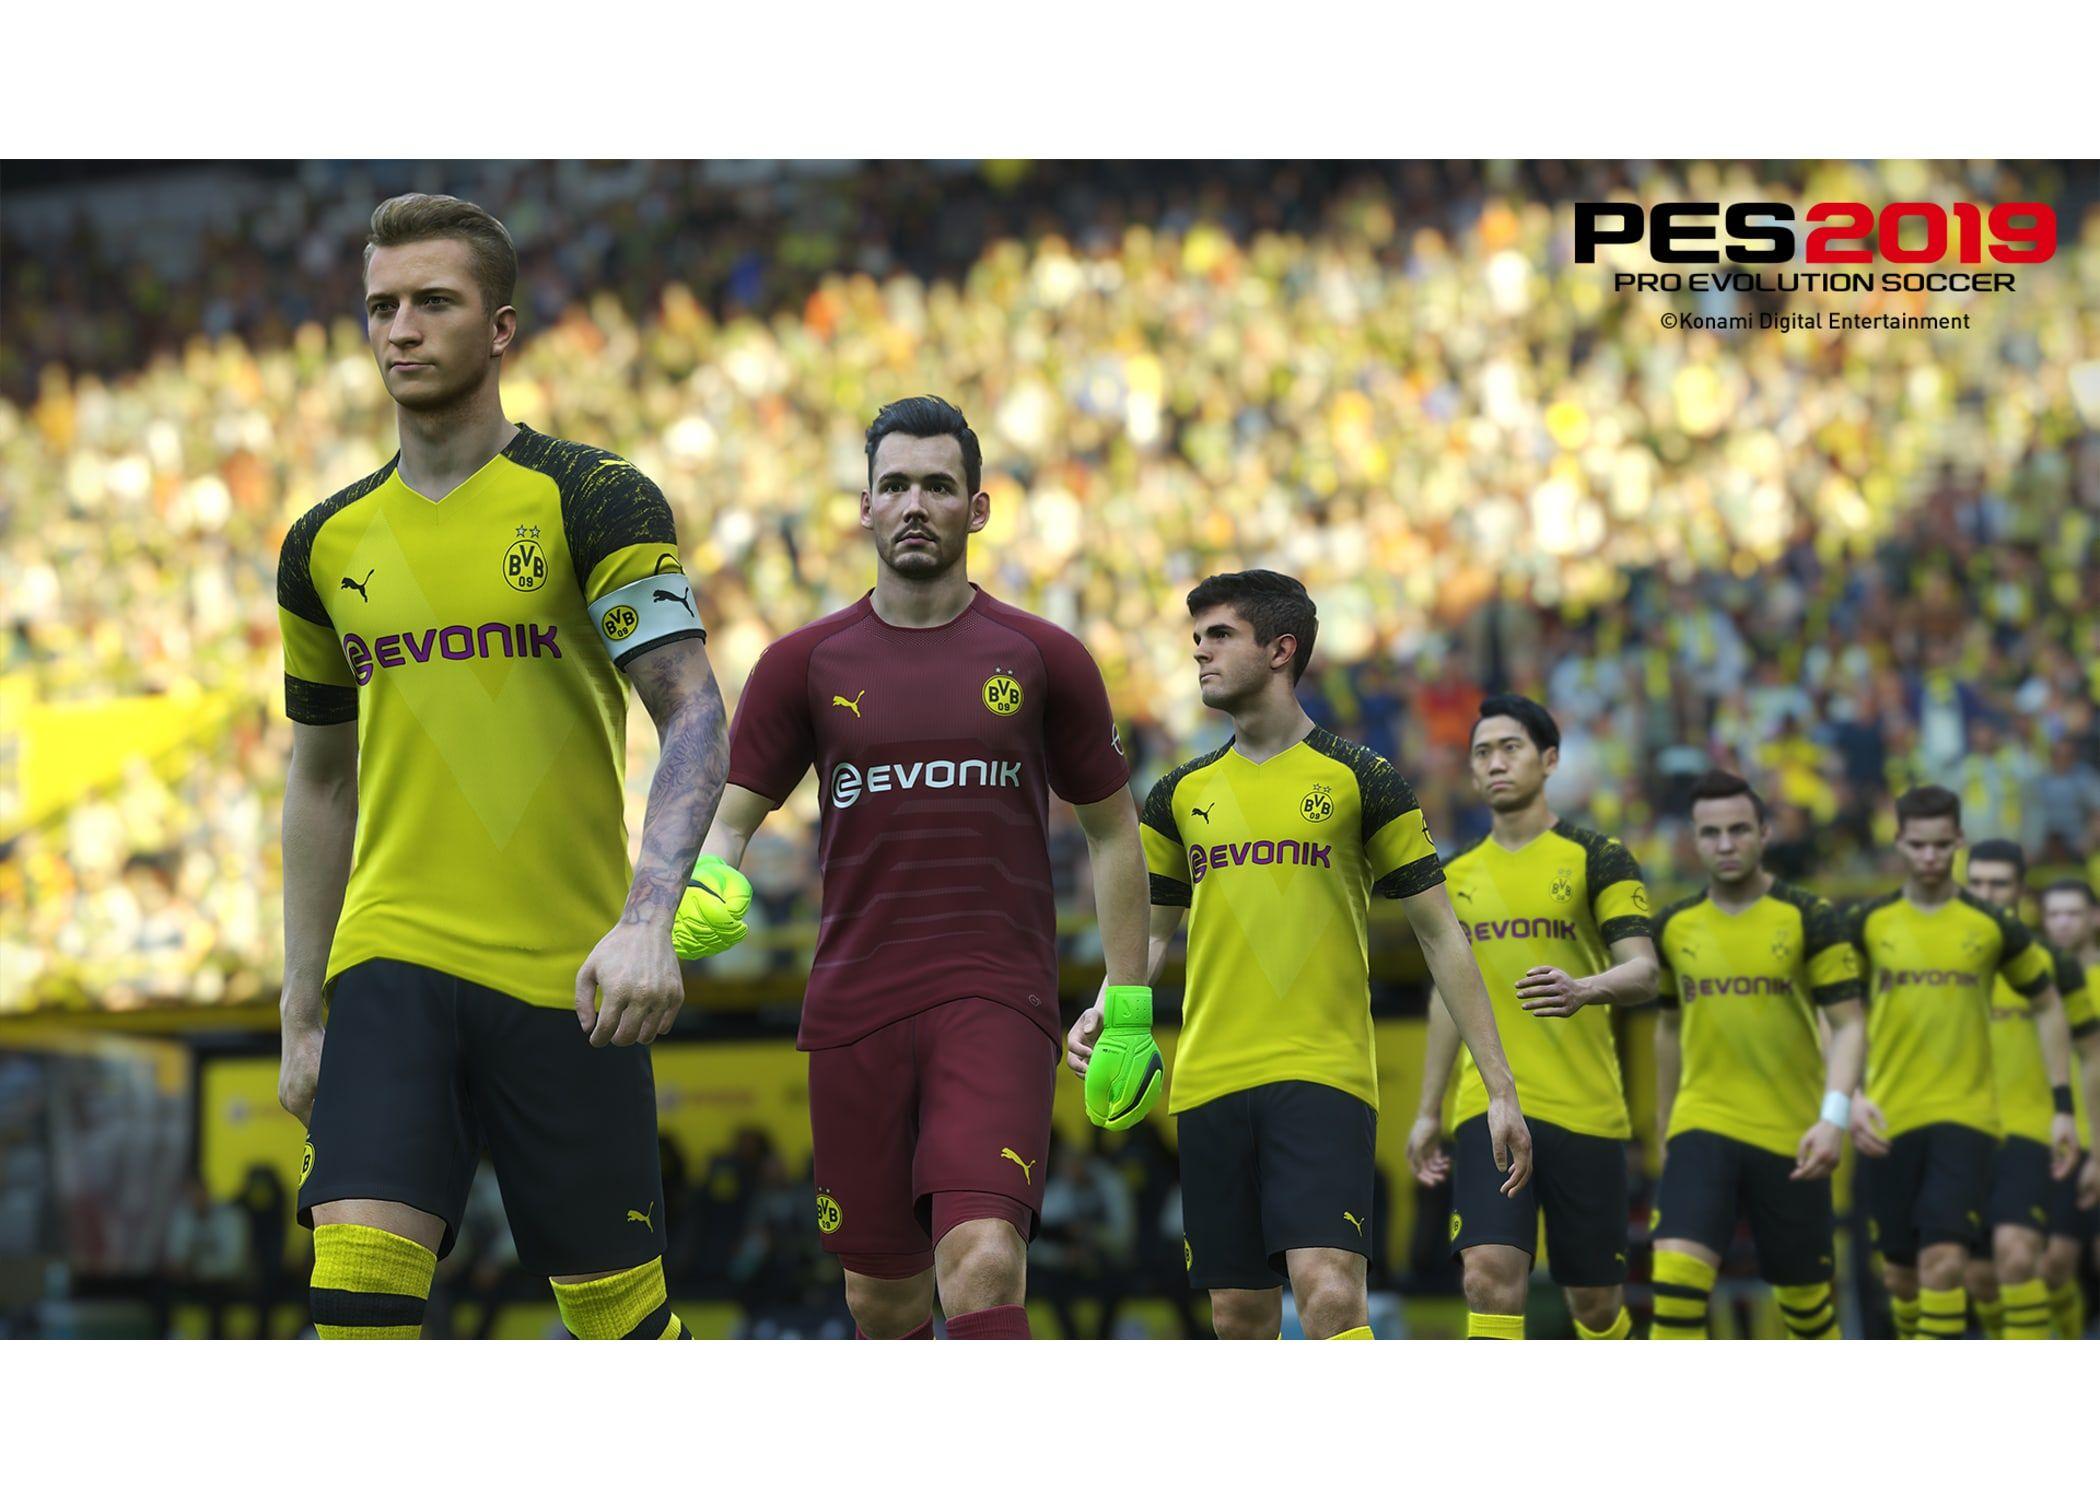 Buy Pro Evolution Soccer 2019 Game Affiliate Aff Evolution Pro Buy Game Soccer In 2020 Pro Evolution Soccer Evolution Soccer Borussia Dortmund